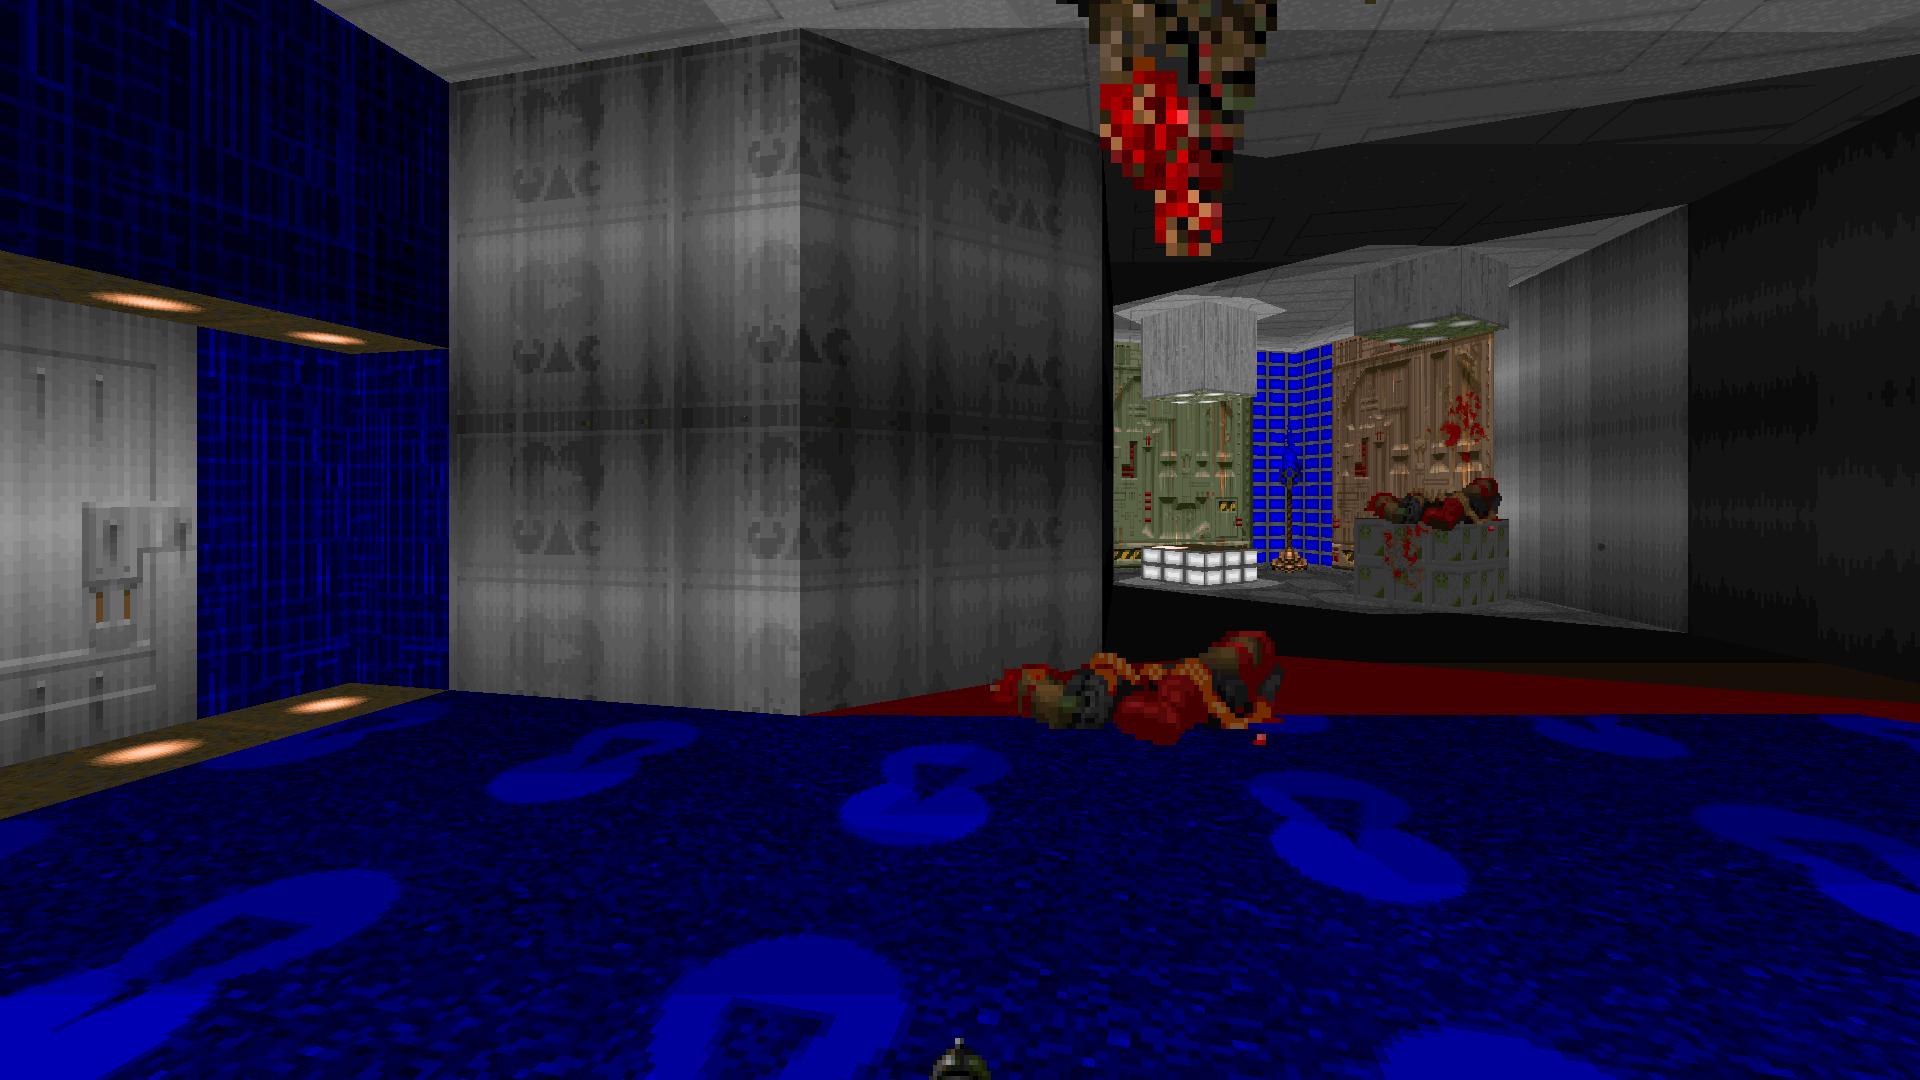 Screenshot_Doom_20190225_212716.png.5a05ffc4509ca04d1ead09acc7ab682a.png